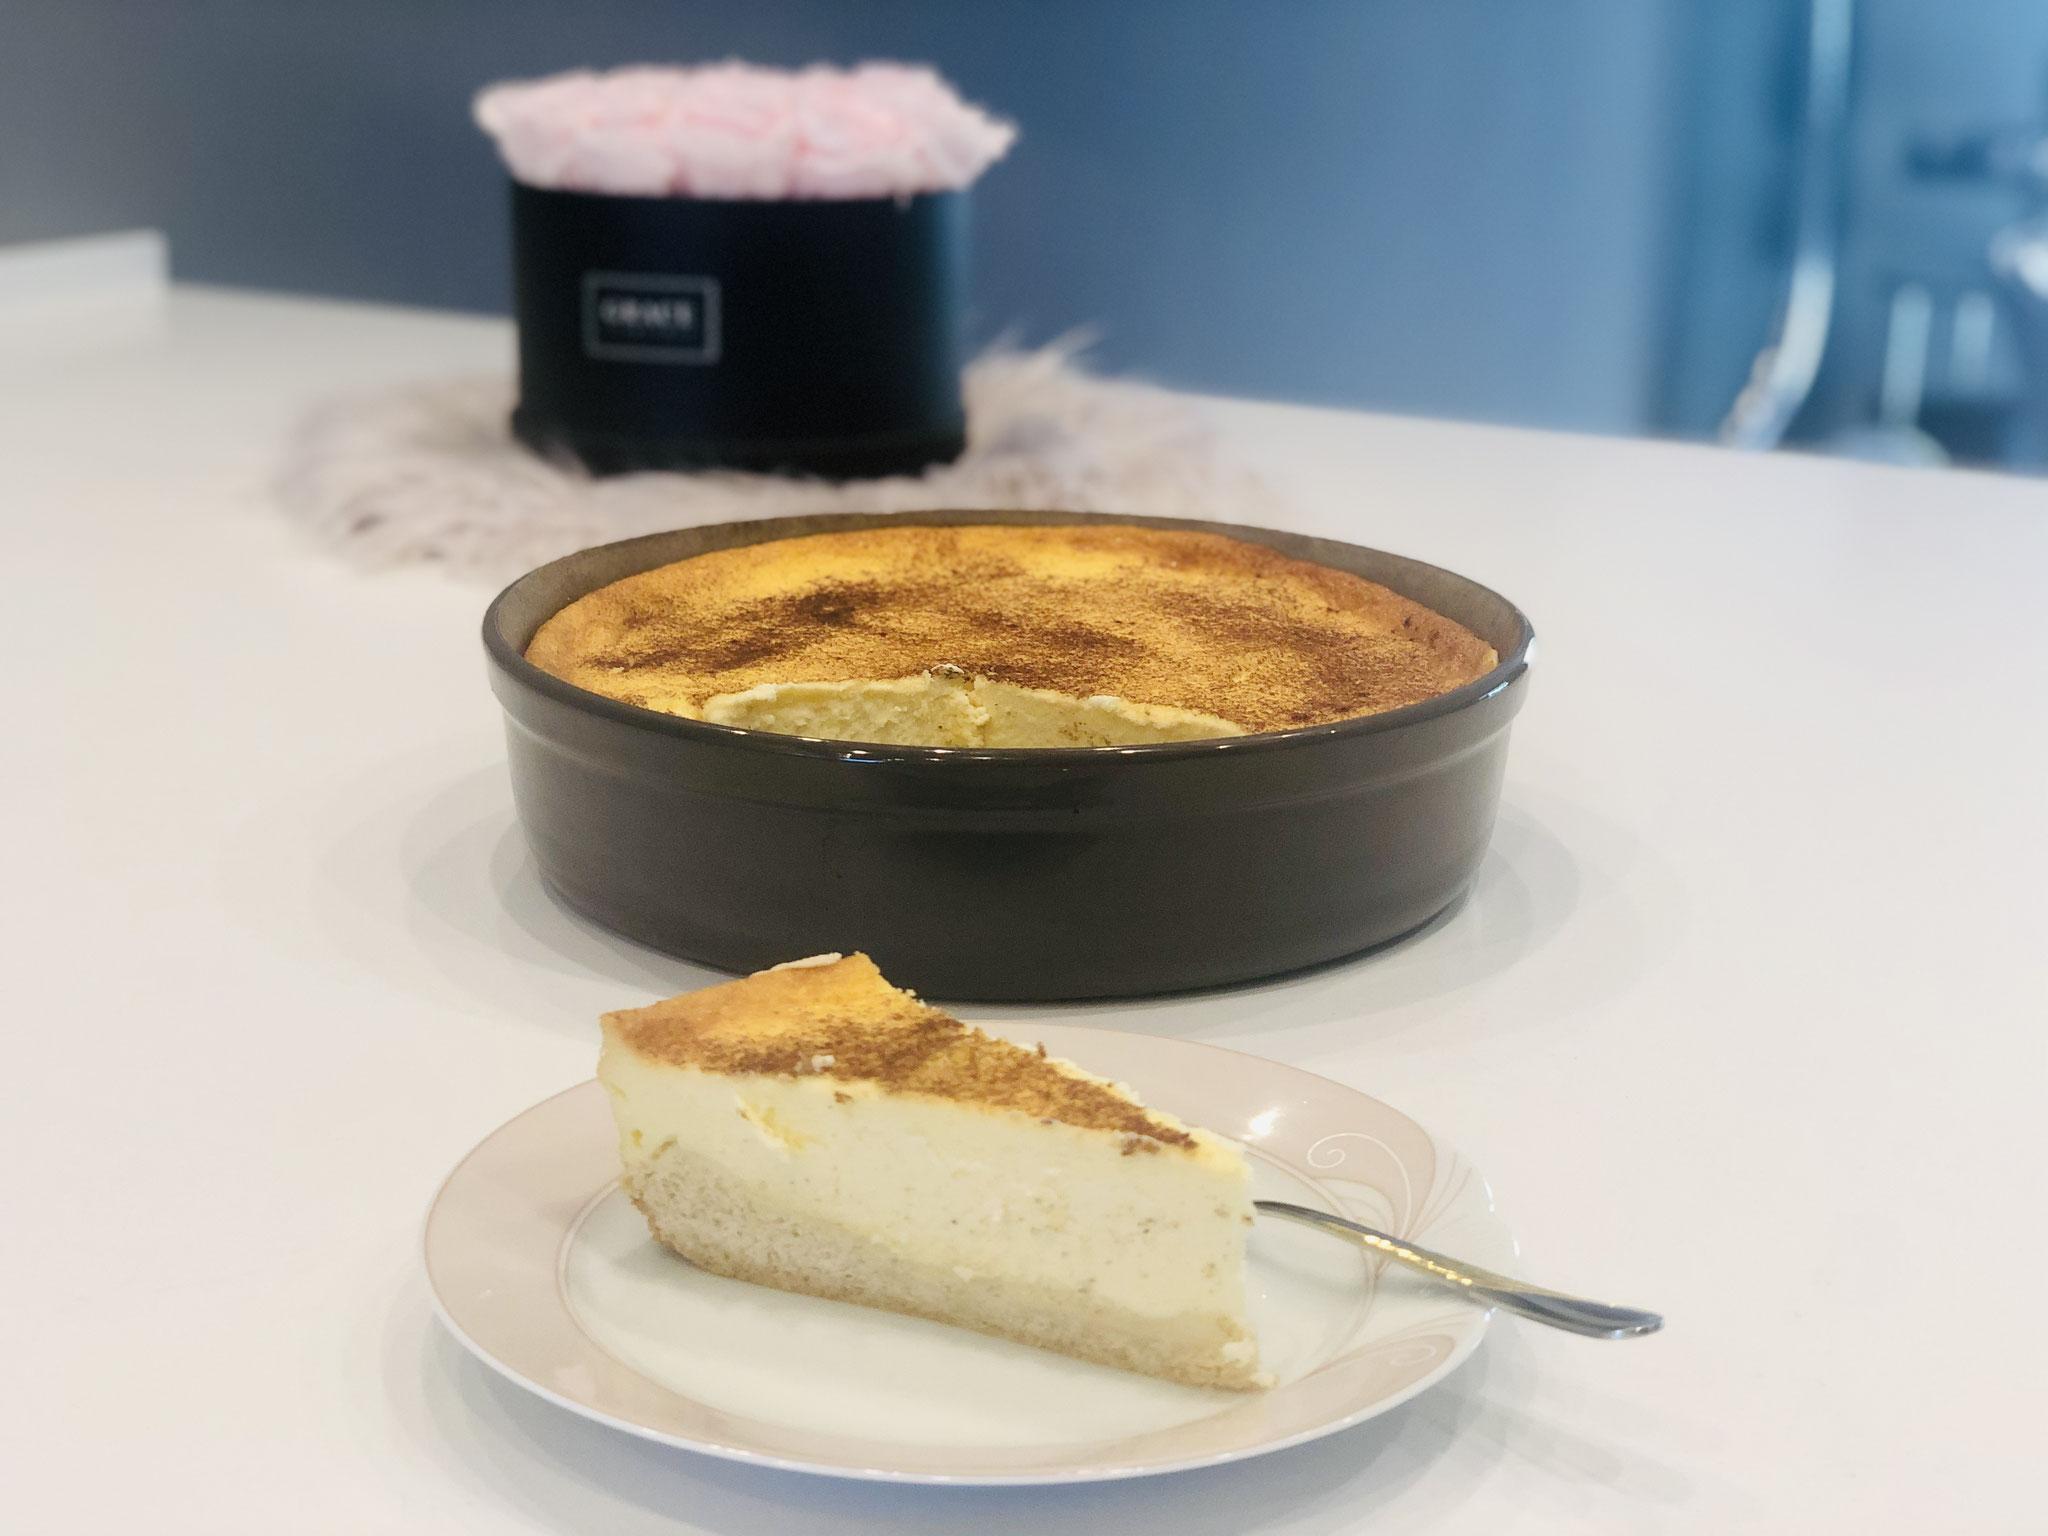 Hier siehst du den Anschnitt und du kannst sehen wie zart rahmig dieser Kuchen ist. Schade dass du dieses Geschmackserlebnis nun nur sehen kannst. ♥